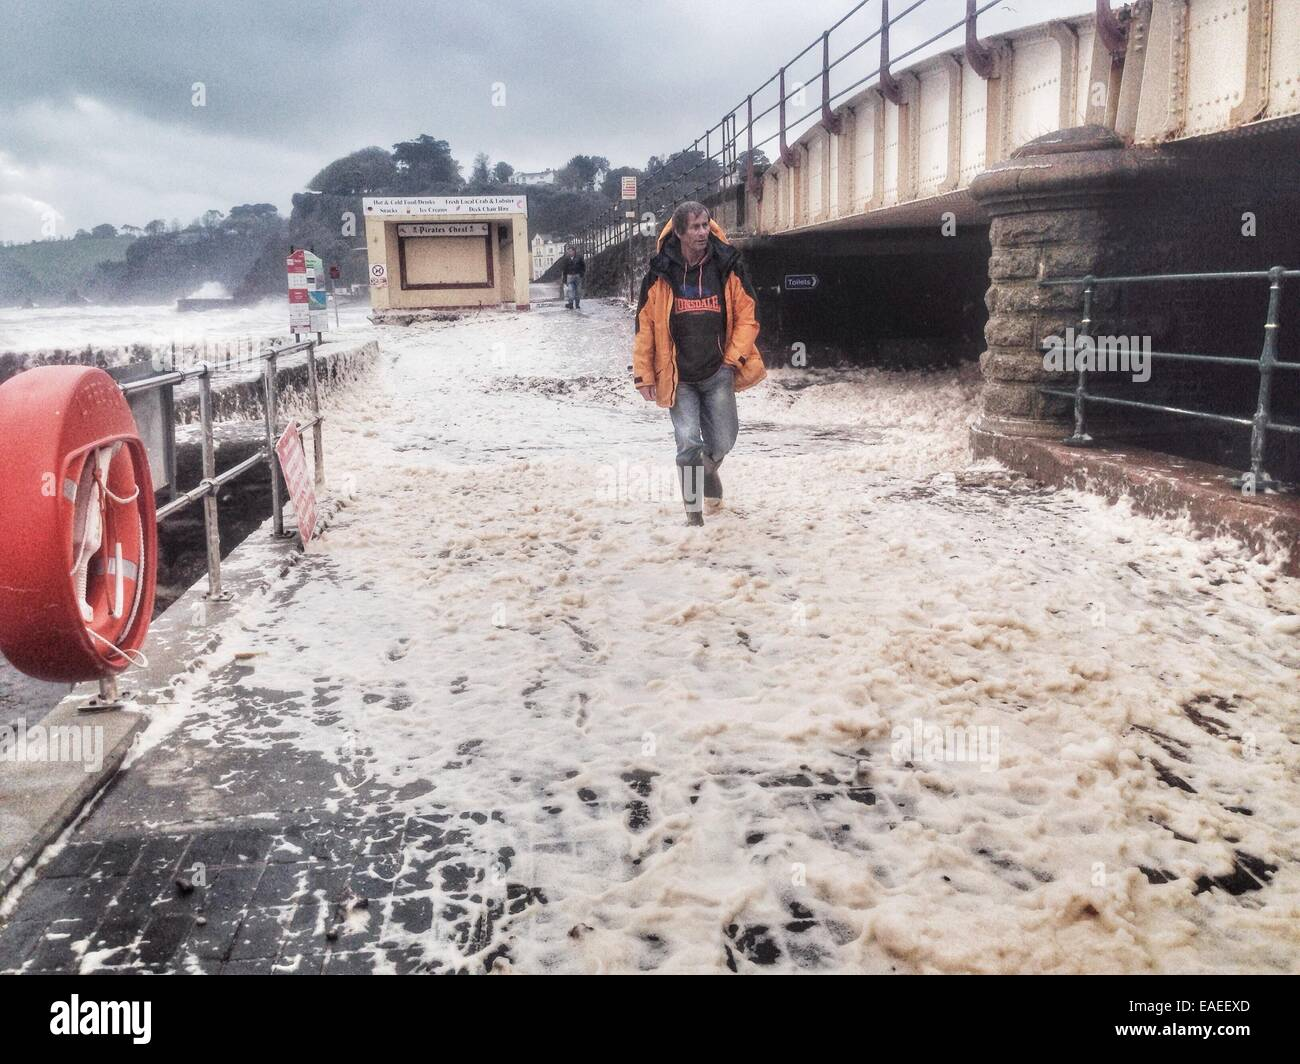 Dawlish, Devon, UK. 13th November, 2014. UK weather. Storms and wind whip up sea foam at Dawlish. Credit nidpor/Alamy - Stock Image